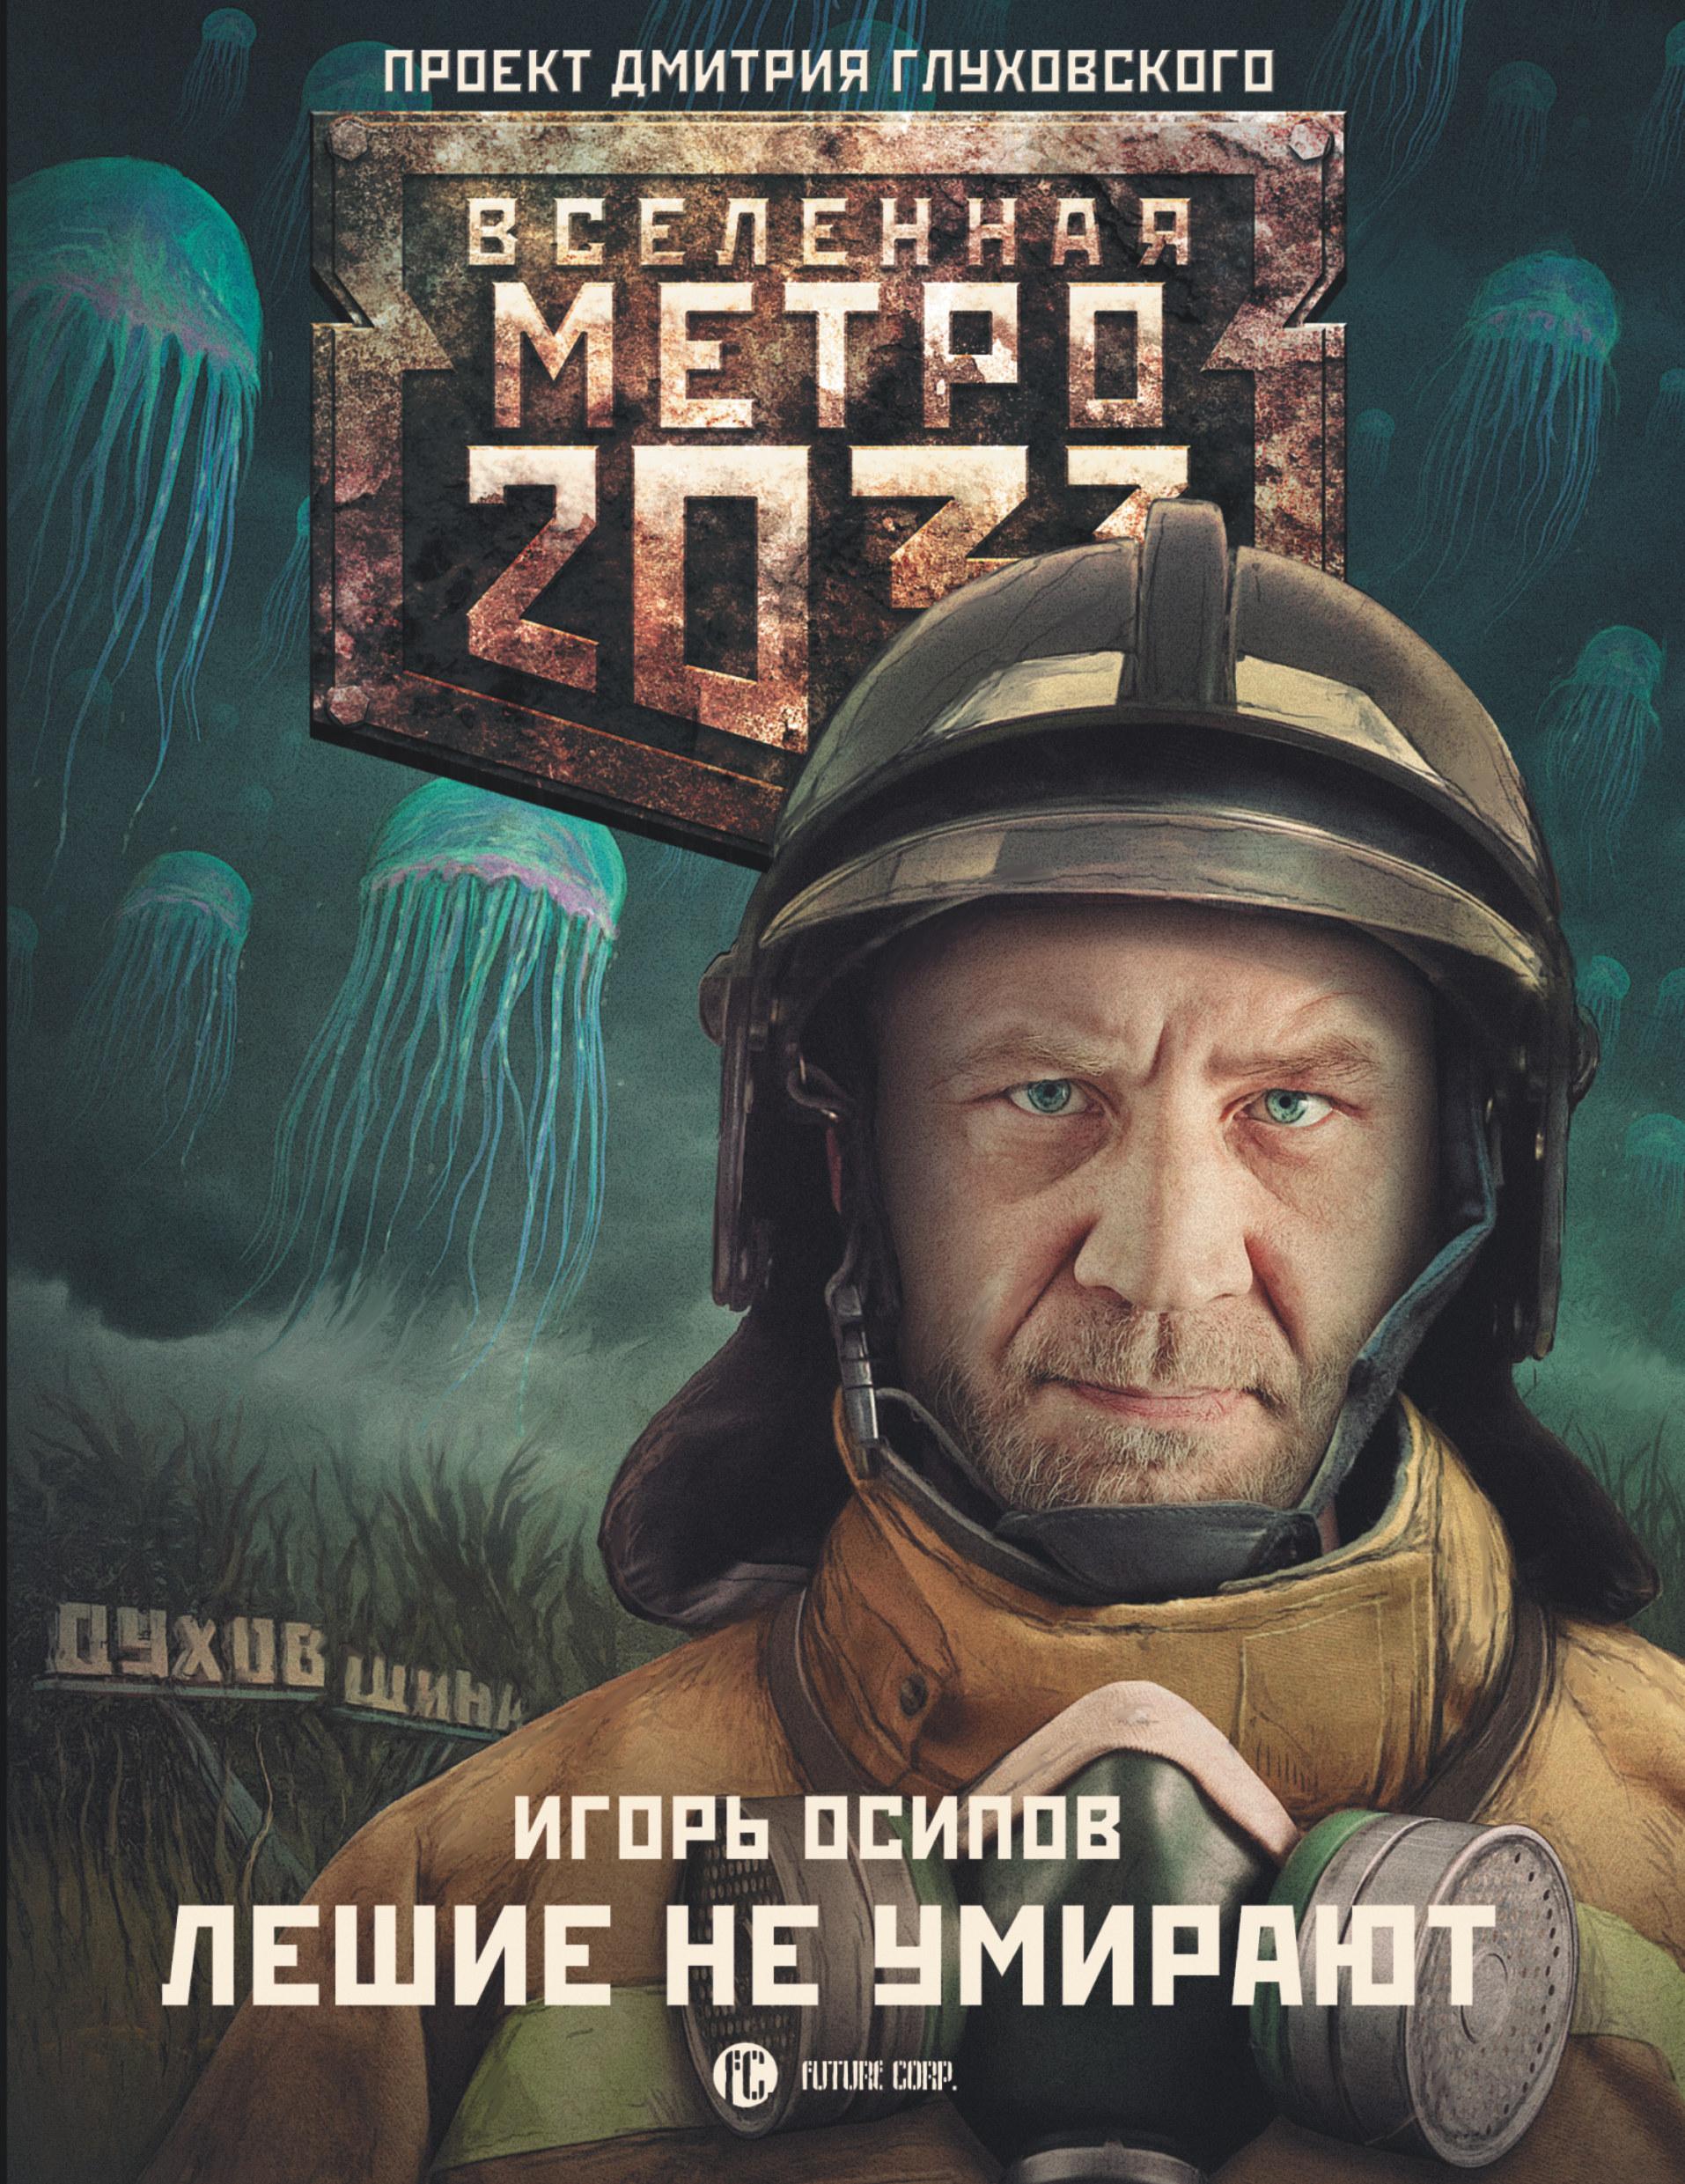 Осипов И.В. Метро 2033: Лешие не умирают сергей семенов метро 2033 о чем молчат выжившие сборник